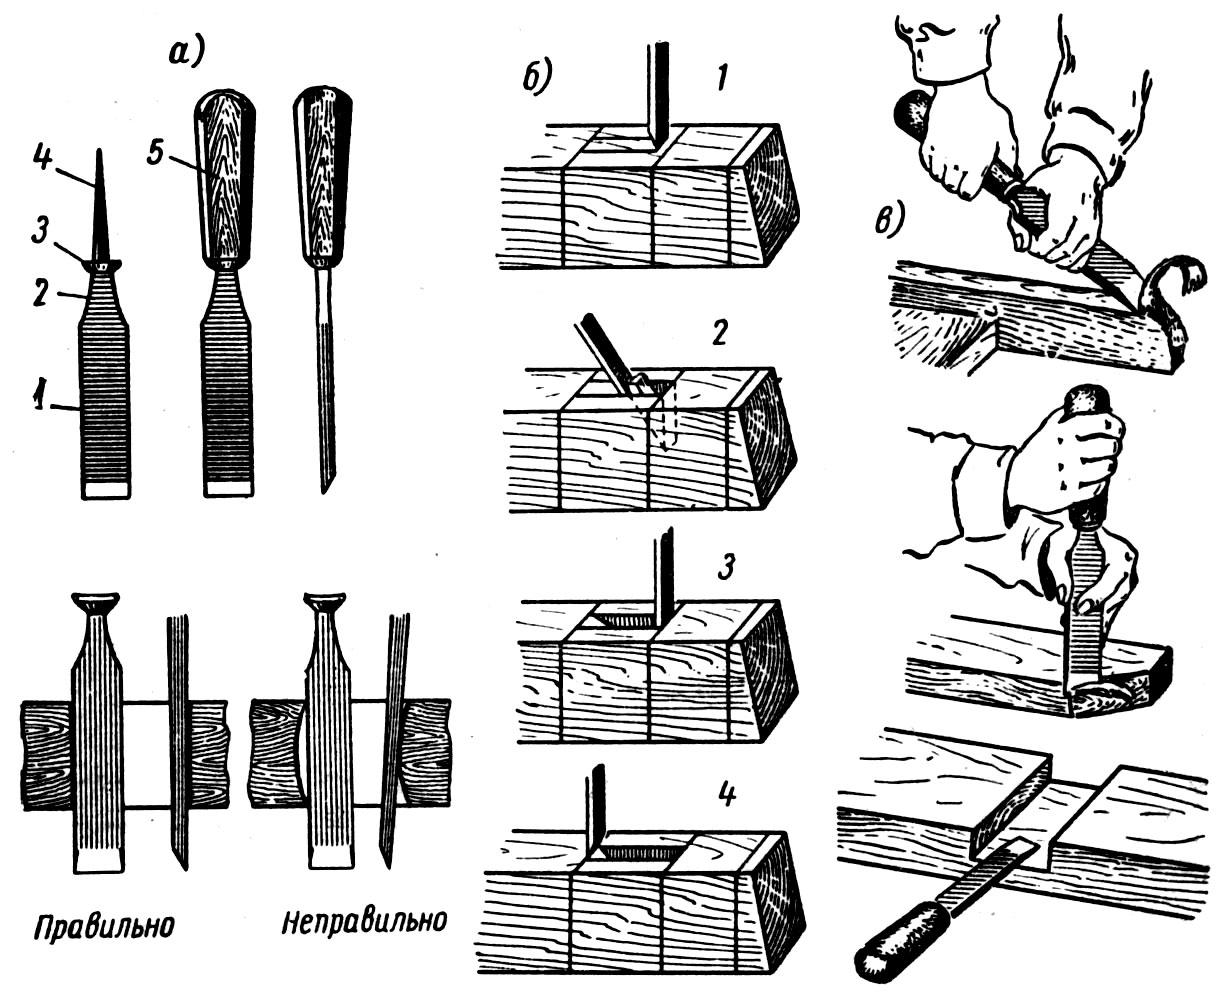 Стамеска по дереву: их виды, как выбрать и техника резьбы